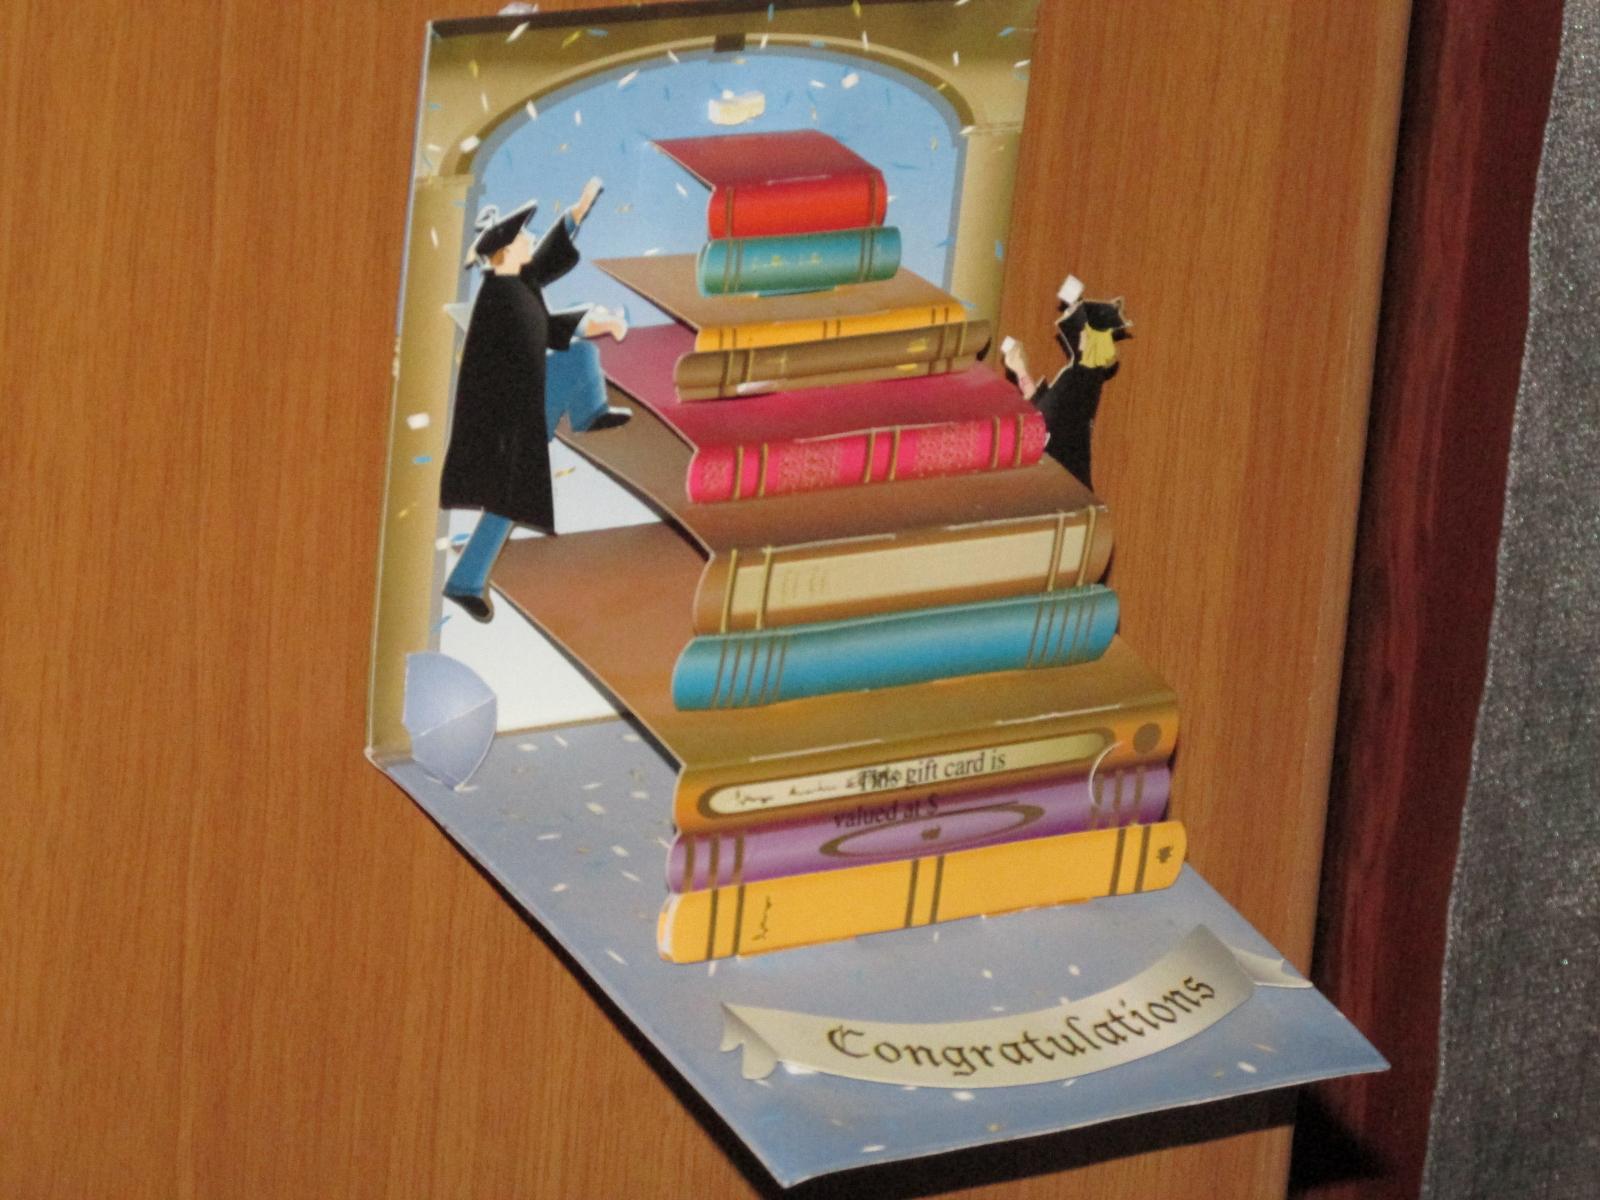 Oggetti con libri un mondo di libri e non solo for Libri internet